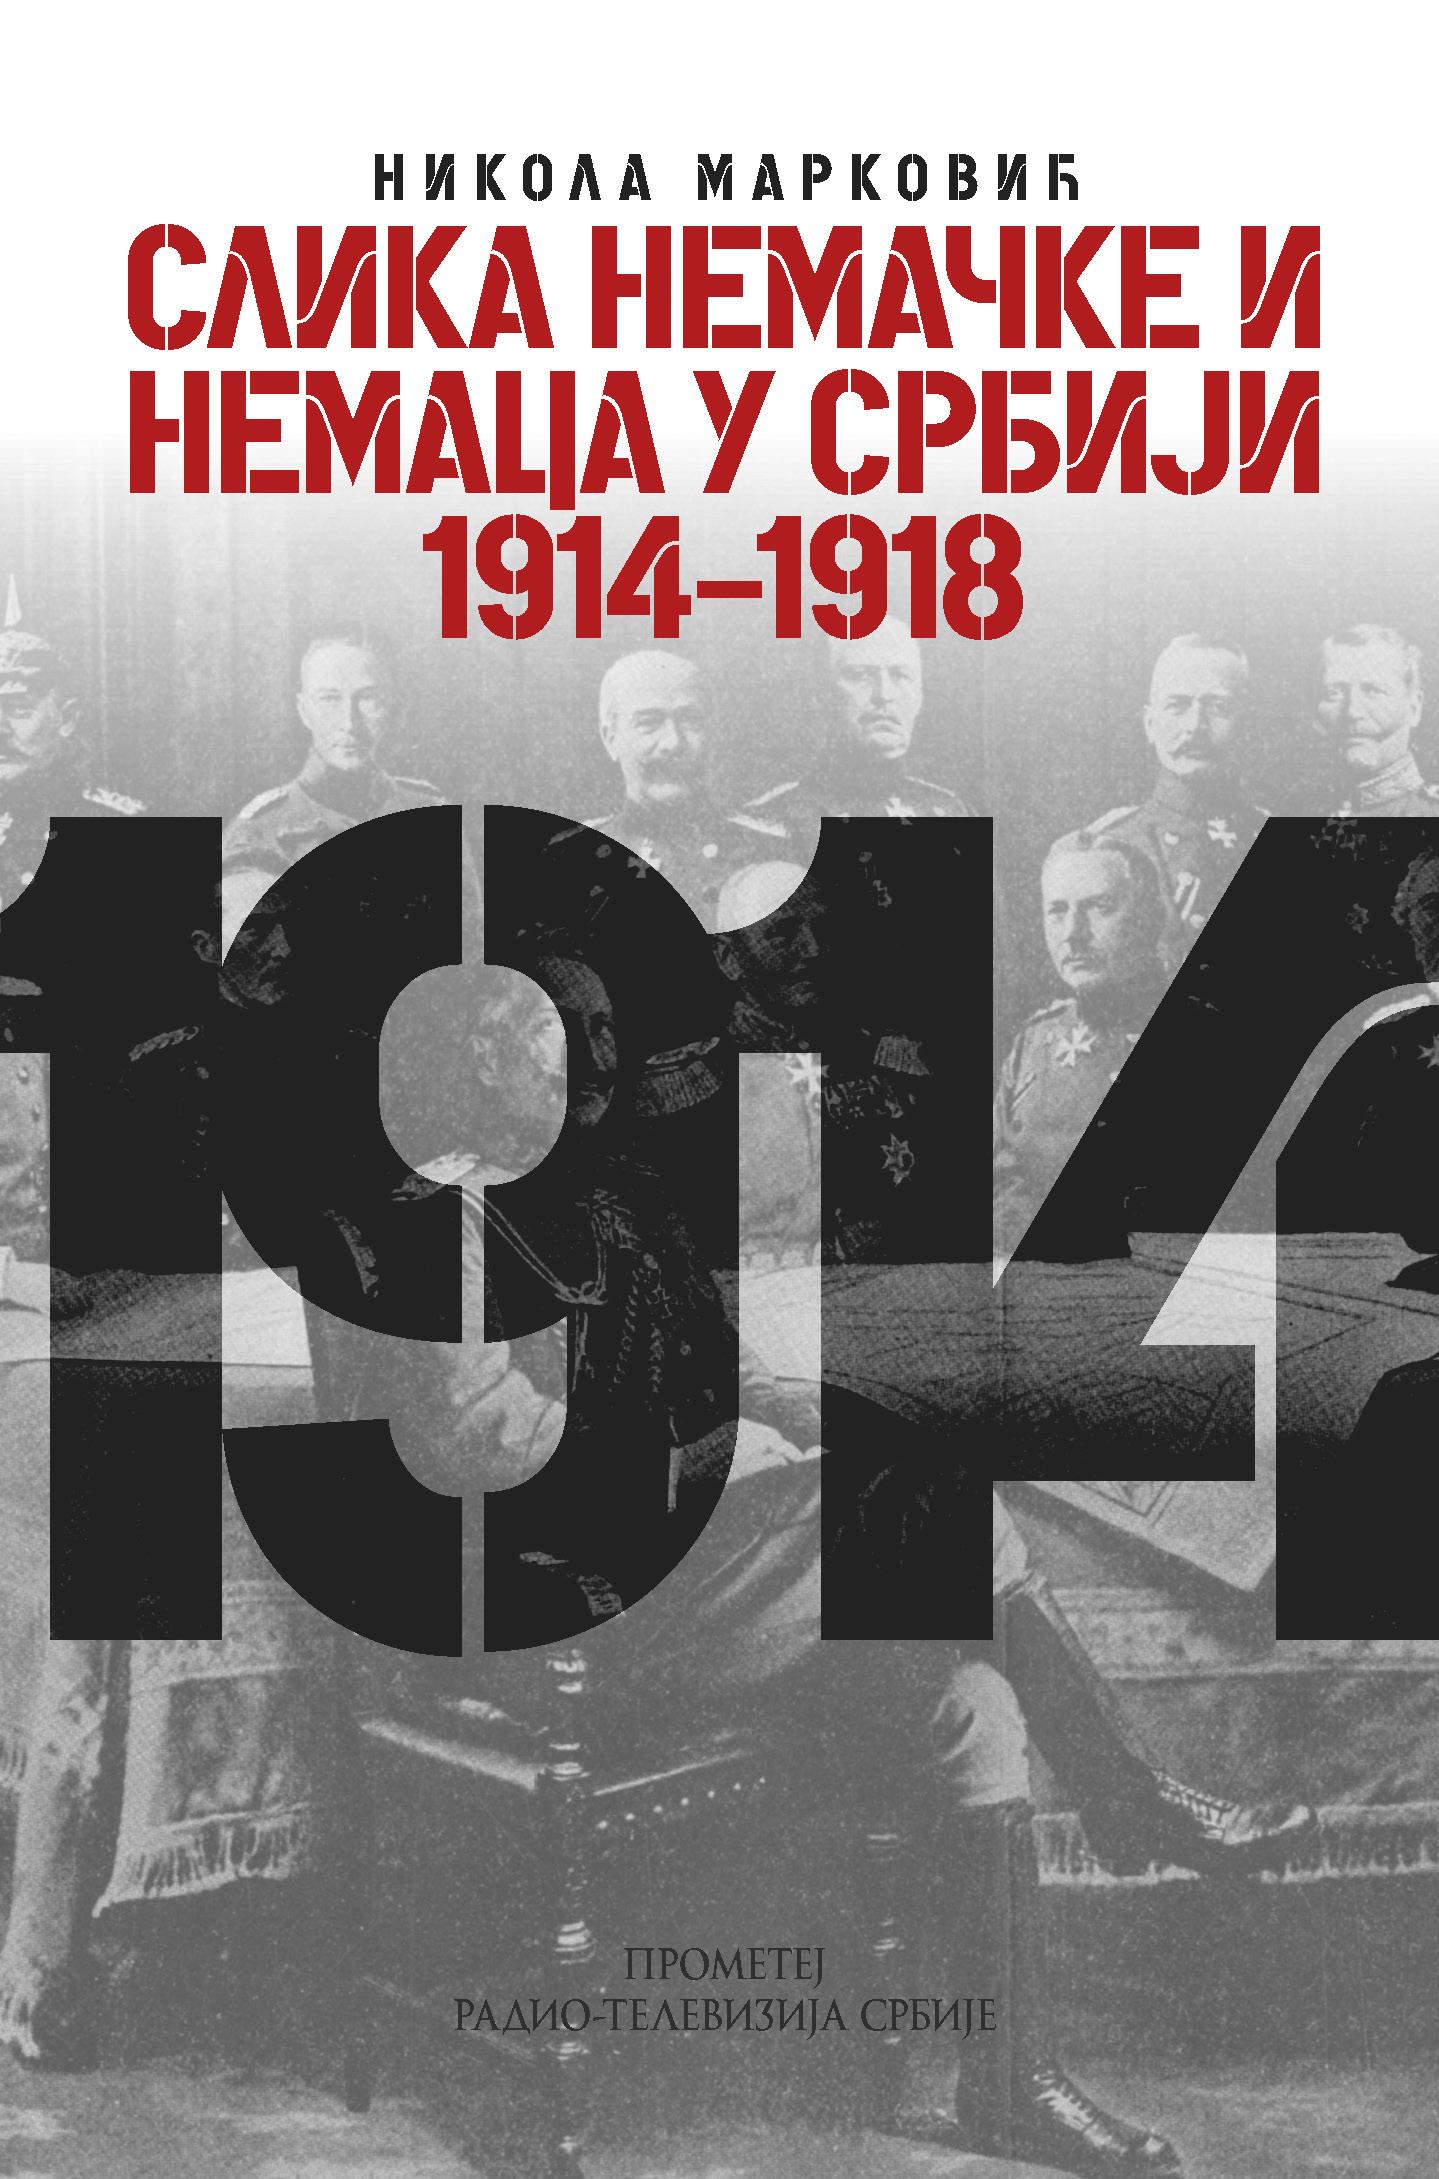 Slika Nemačke i Nemaca u Srbiji 1914-1918